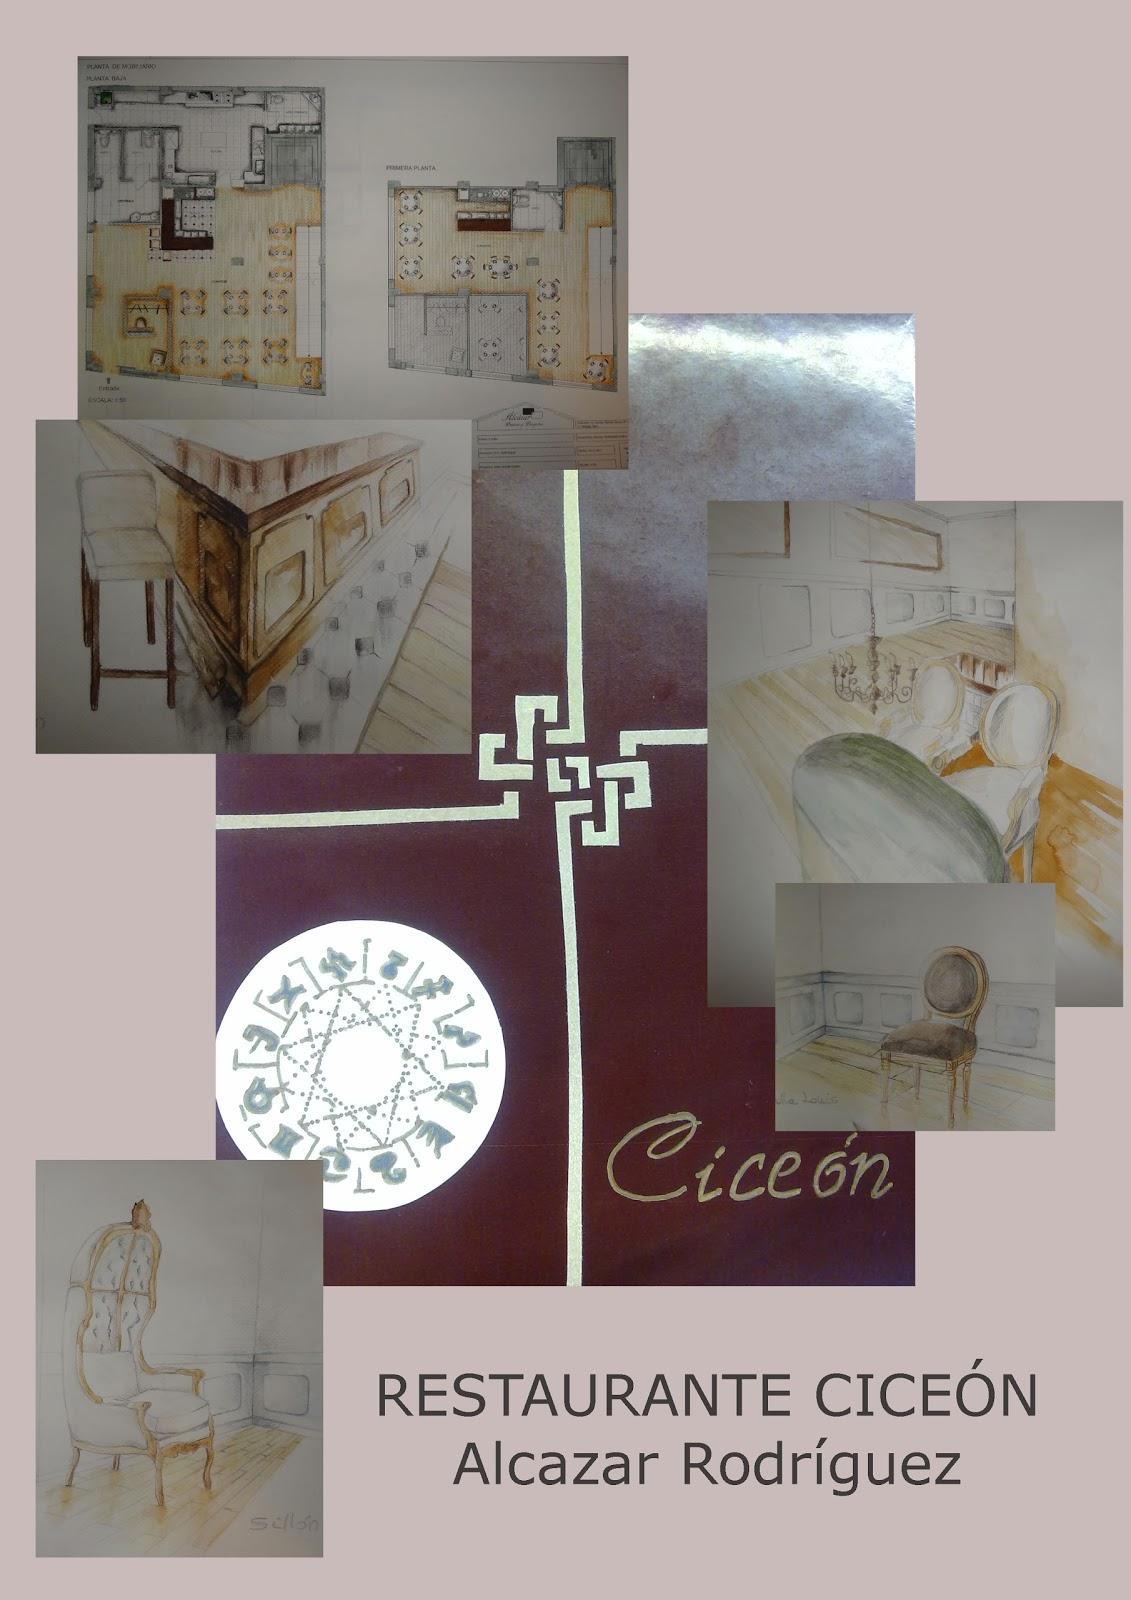 Decoraci n de interiores trabajos alumnnos ii restaurantes - Trabajos de decoracion de interiores ...